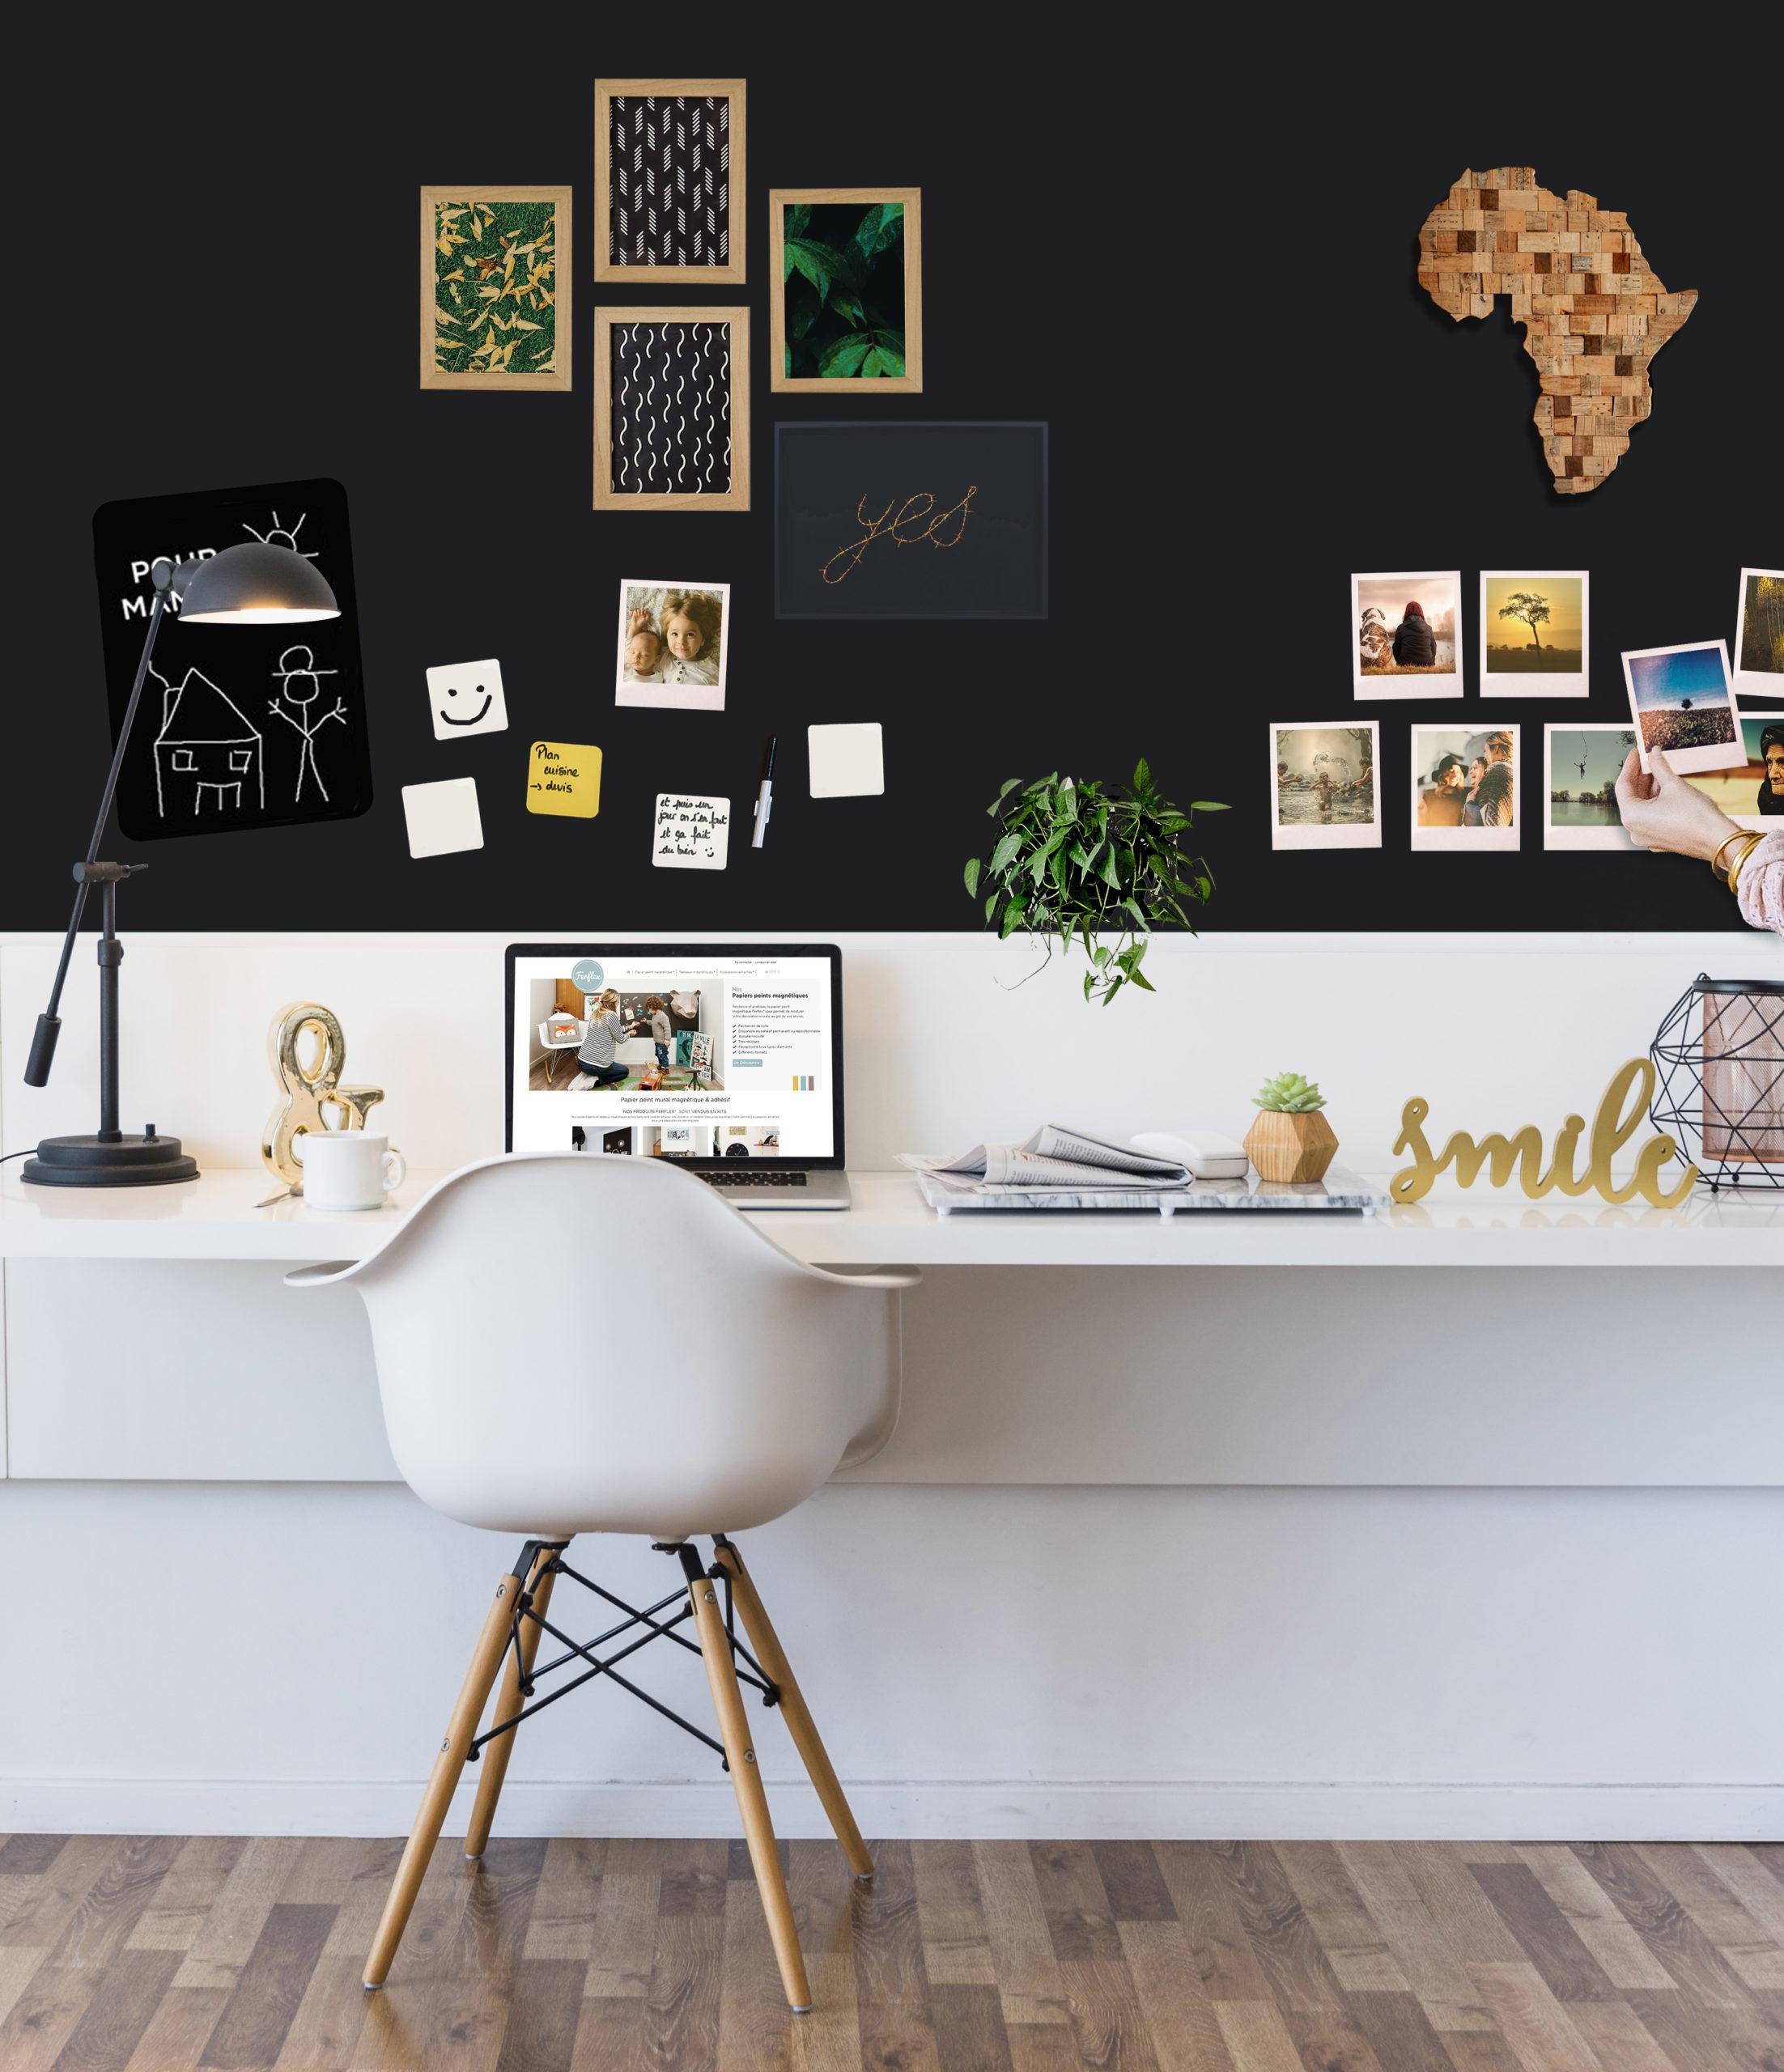 inspiration utilisation papier peint magnétique noir dans bureau